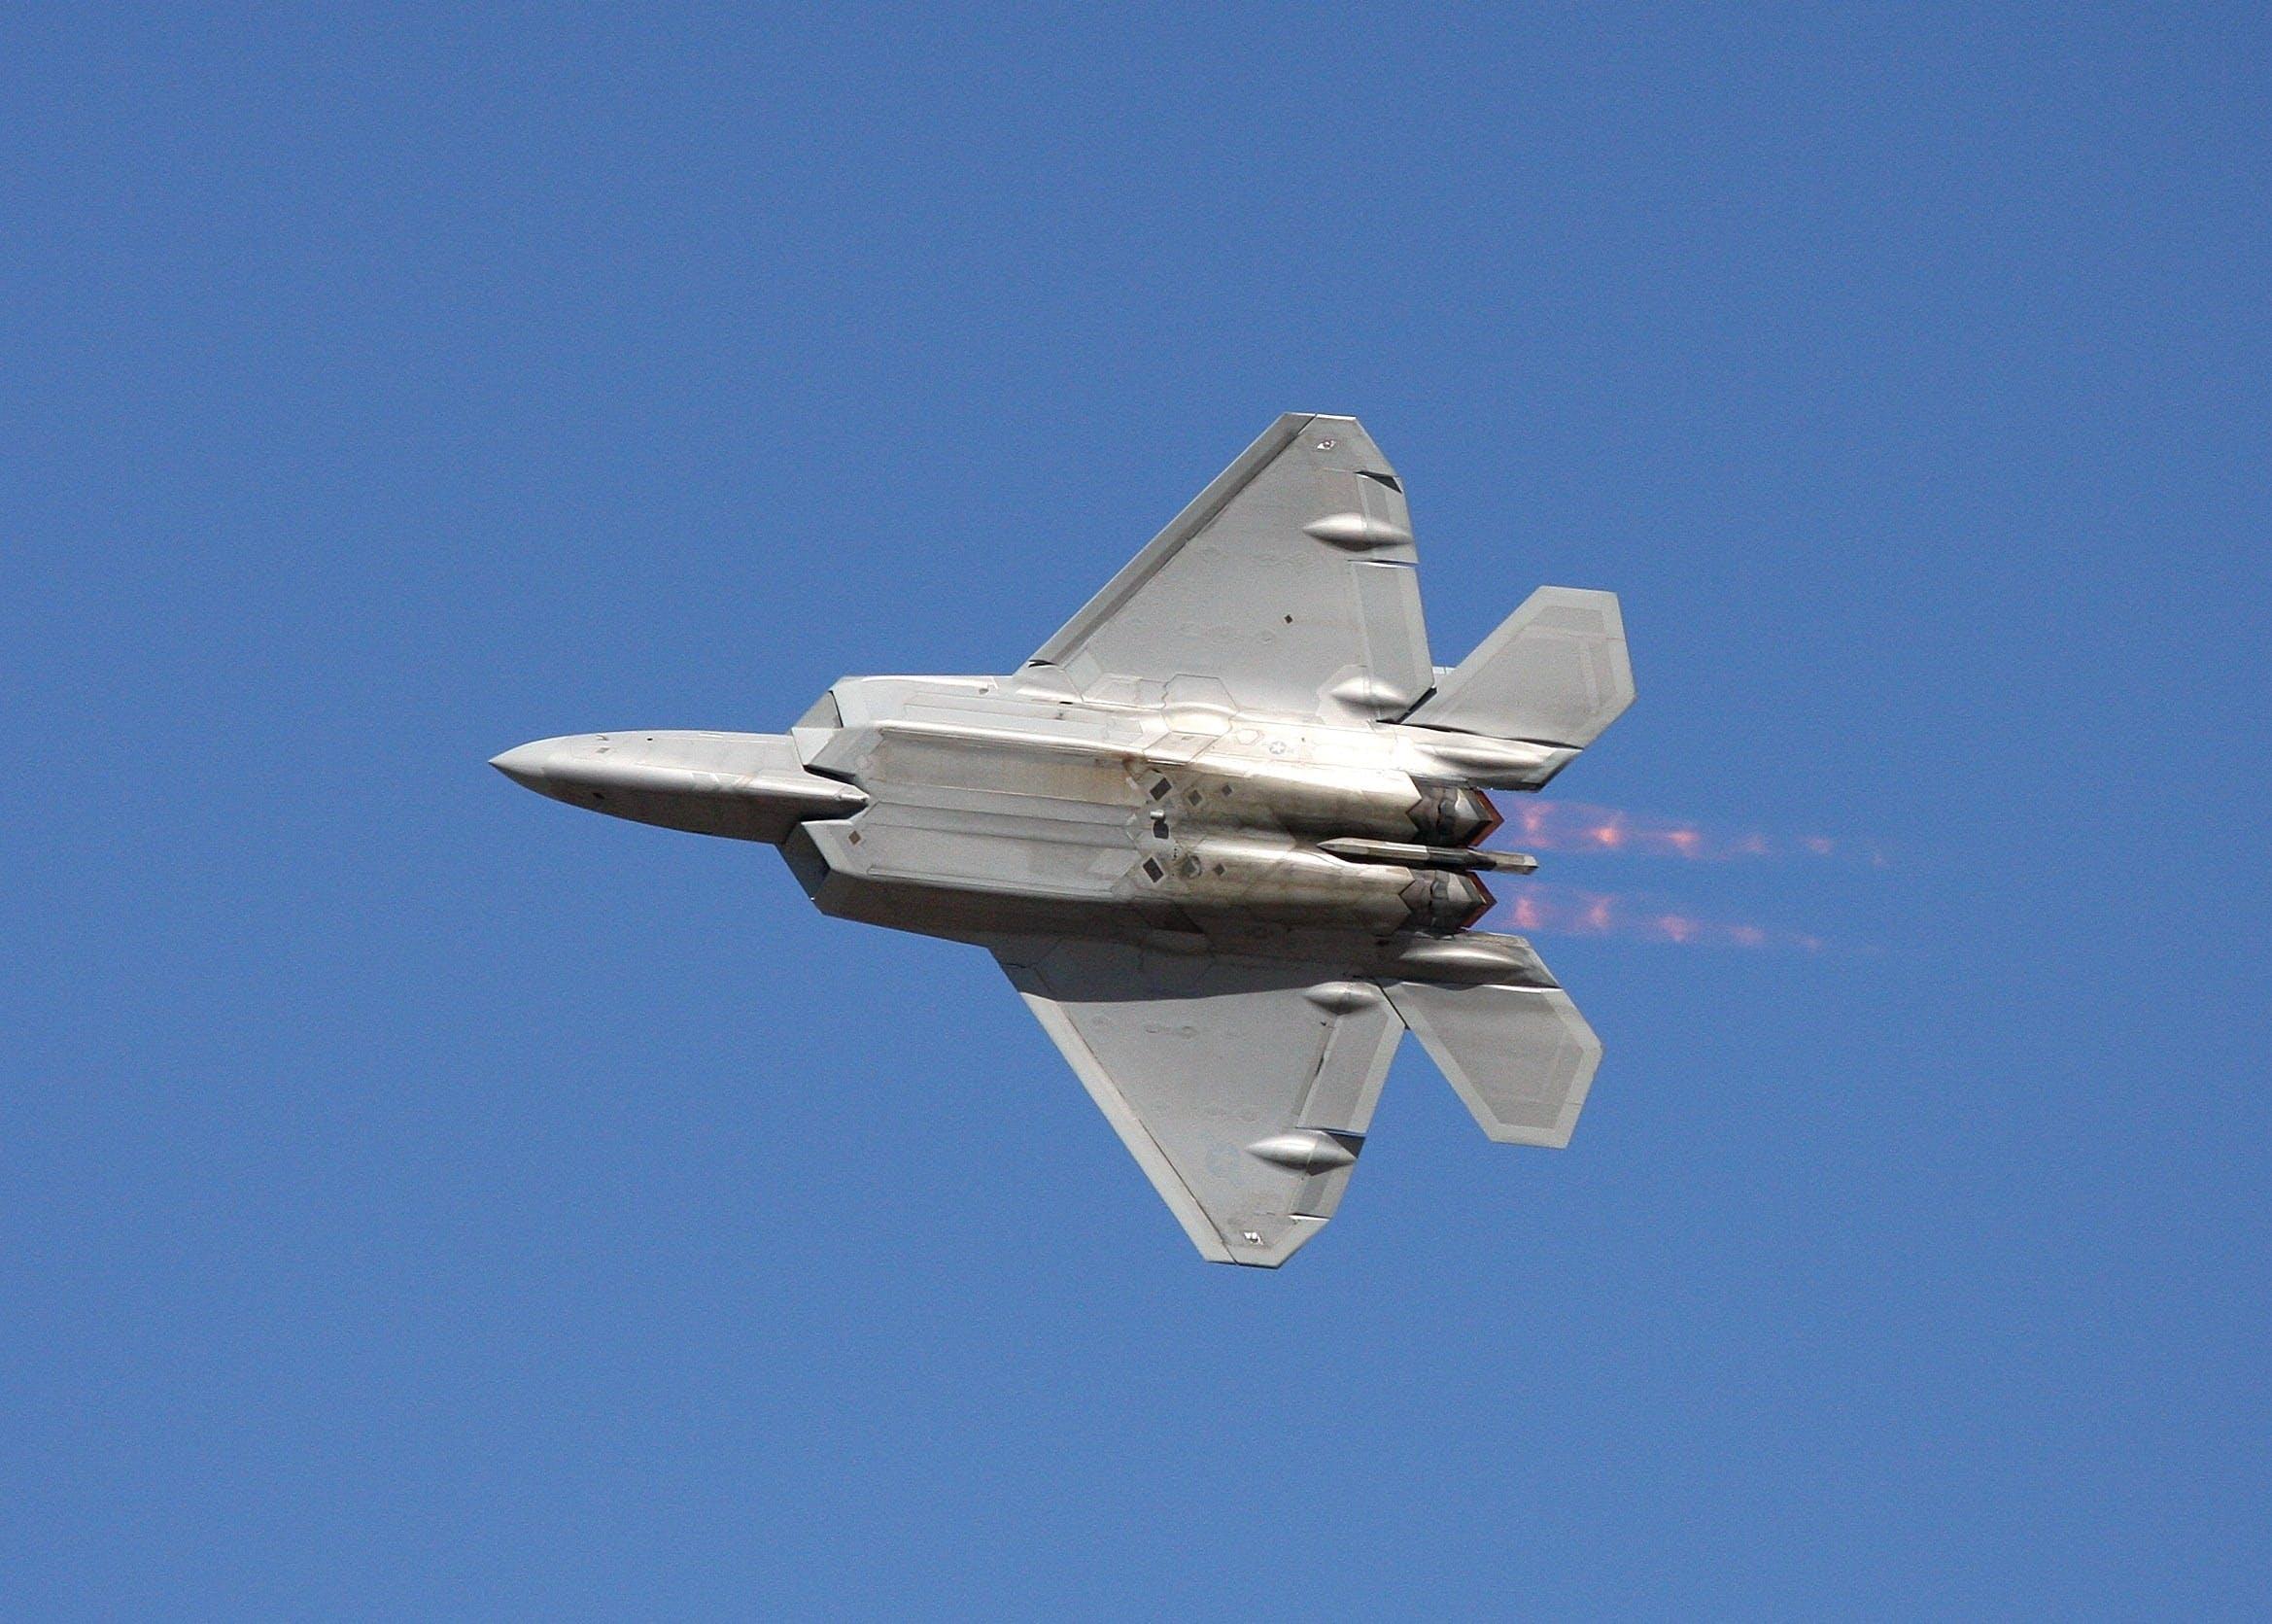 askeri hava aracı, gökyüzü, hava aracı, havacılık içeren Ücretsiz stok fotoğraf